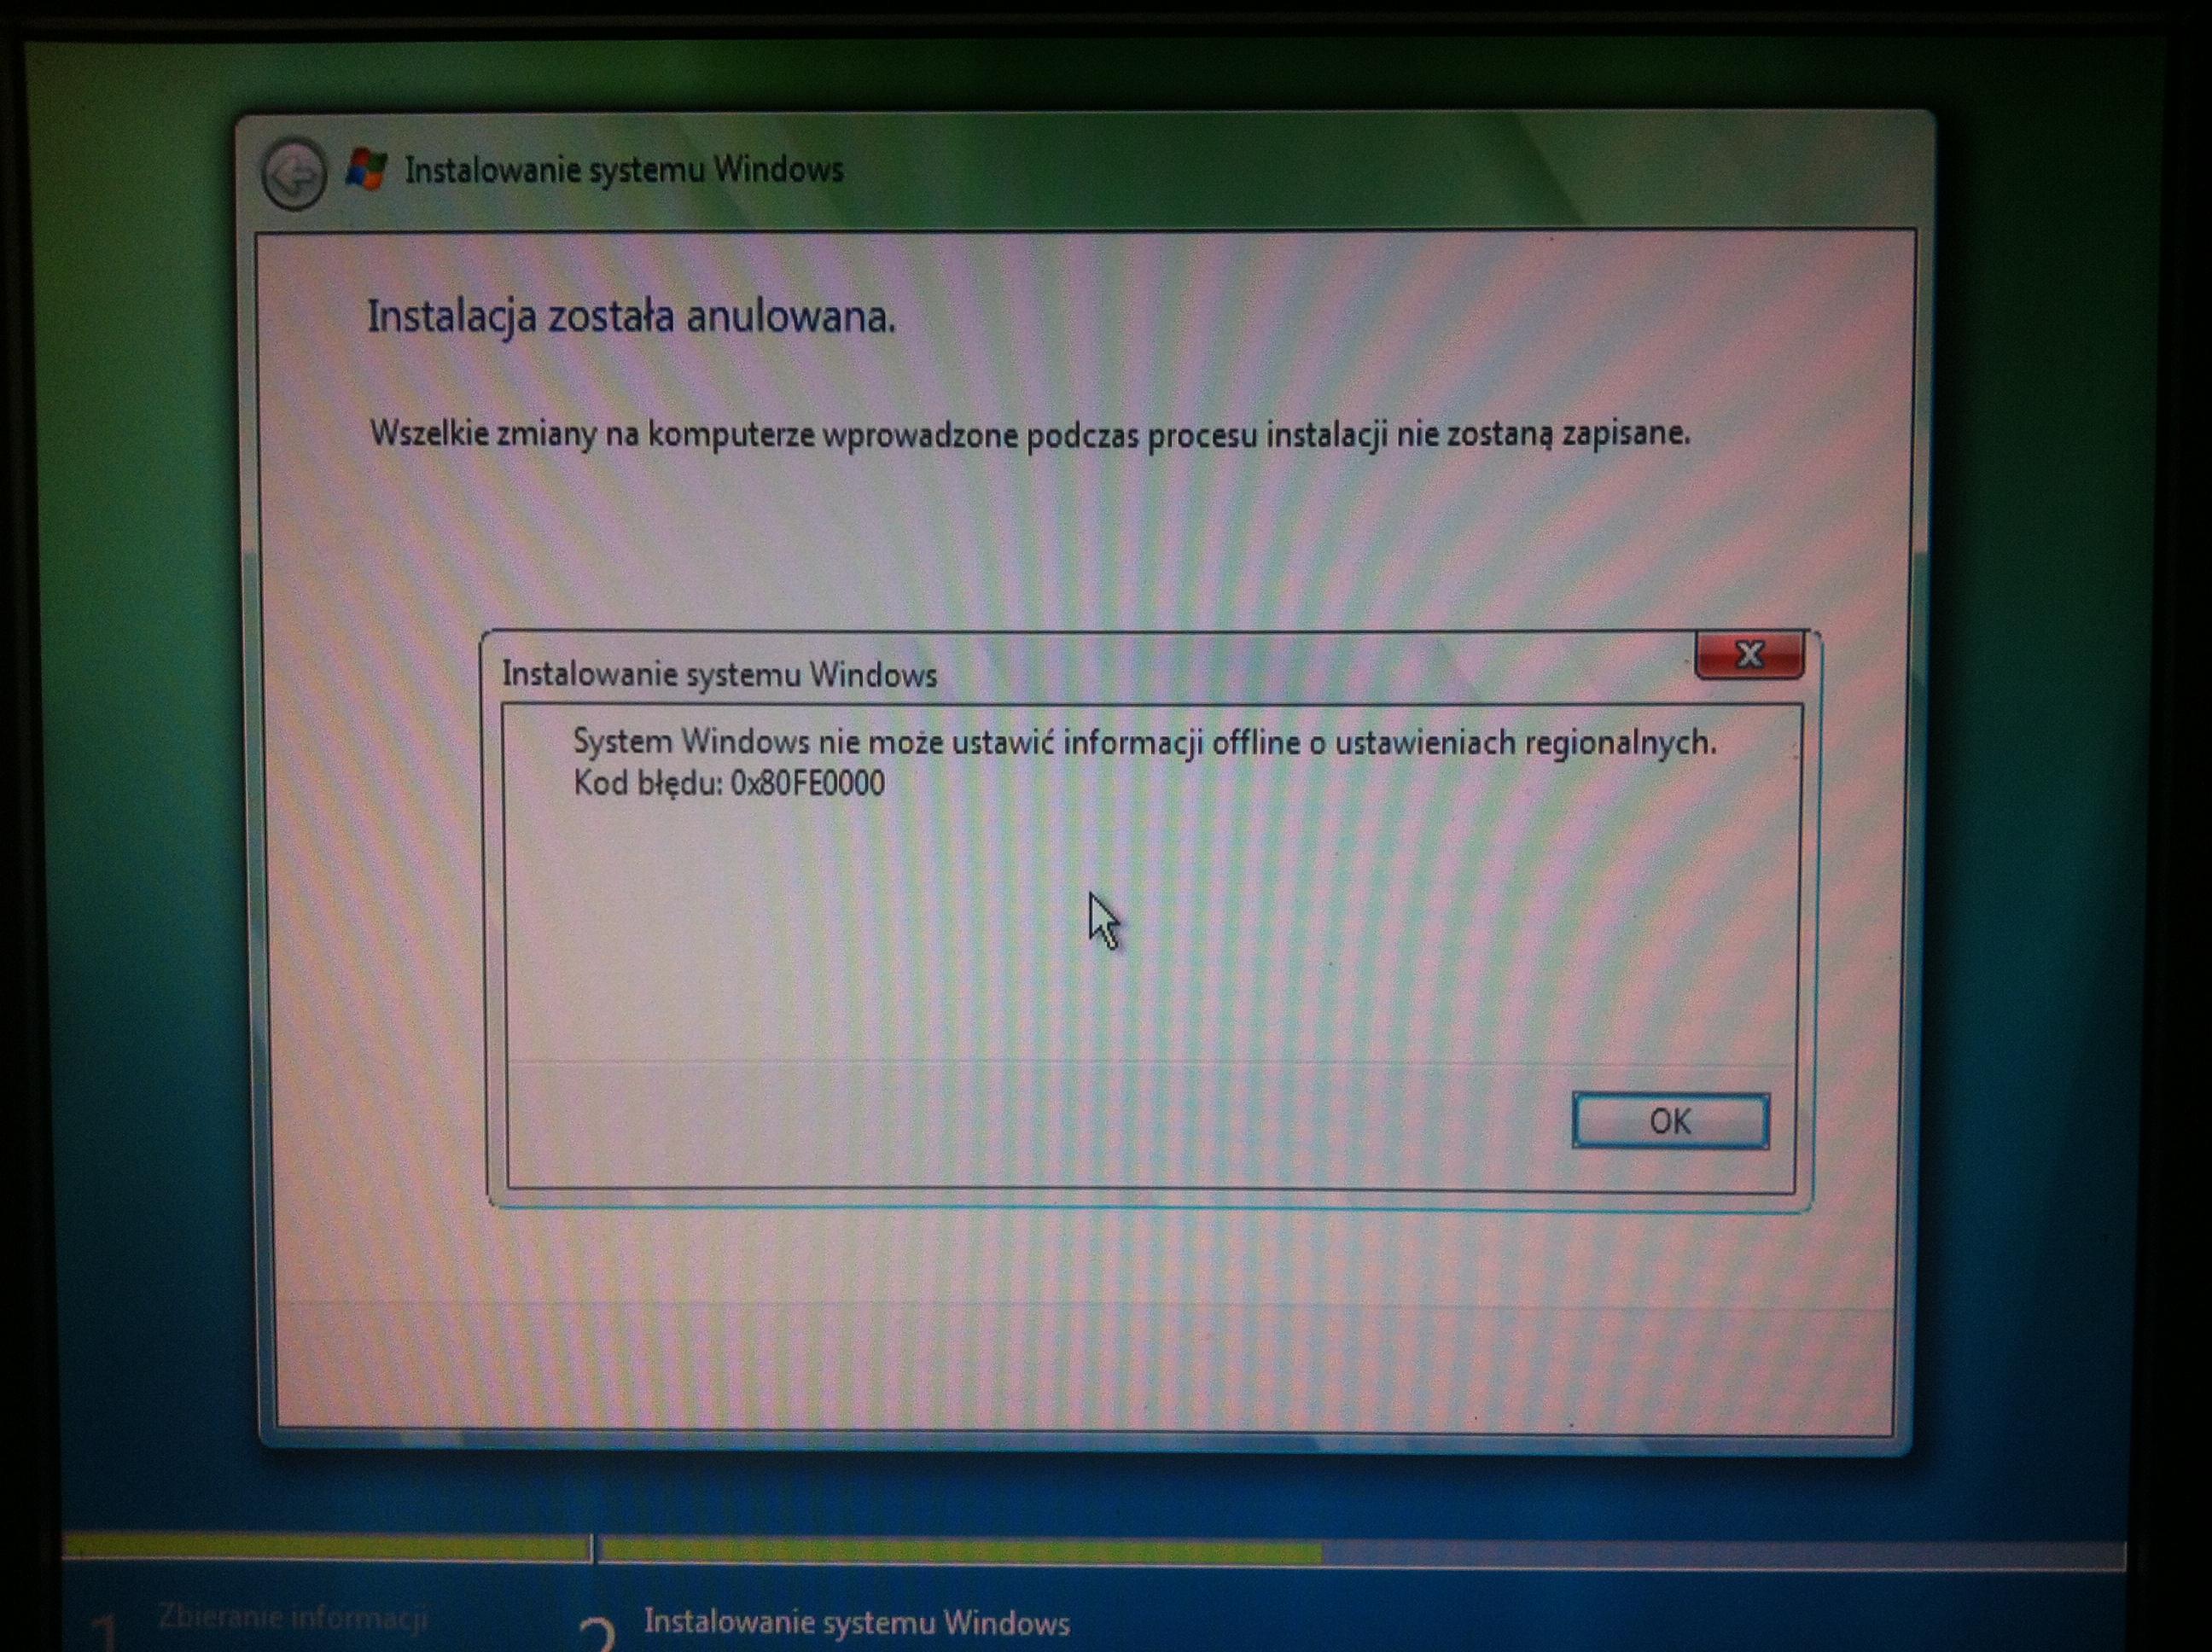 Windows 7 (x86, x64) - zwis przy instalacji na dysku SSD, na HDD instaluje